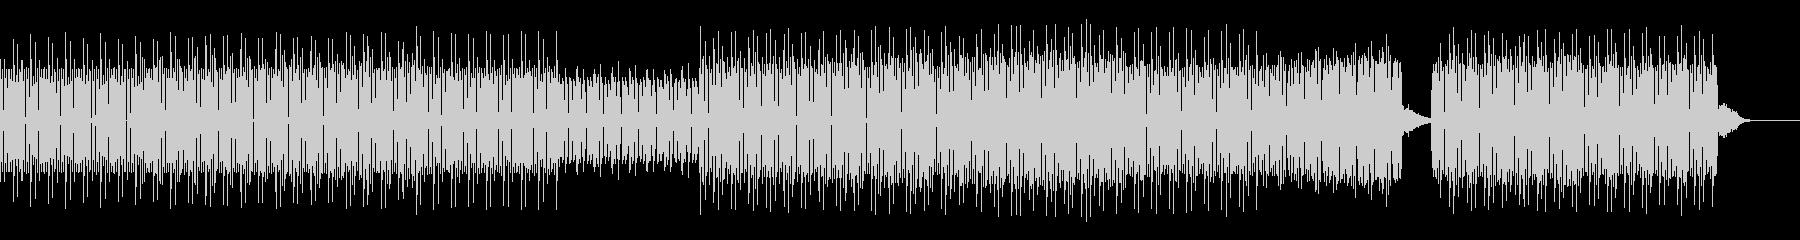 店舗向け:重低音ディープハウスの未再生の波形